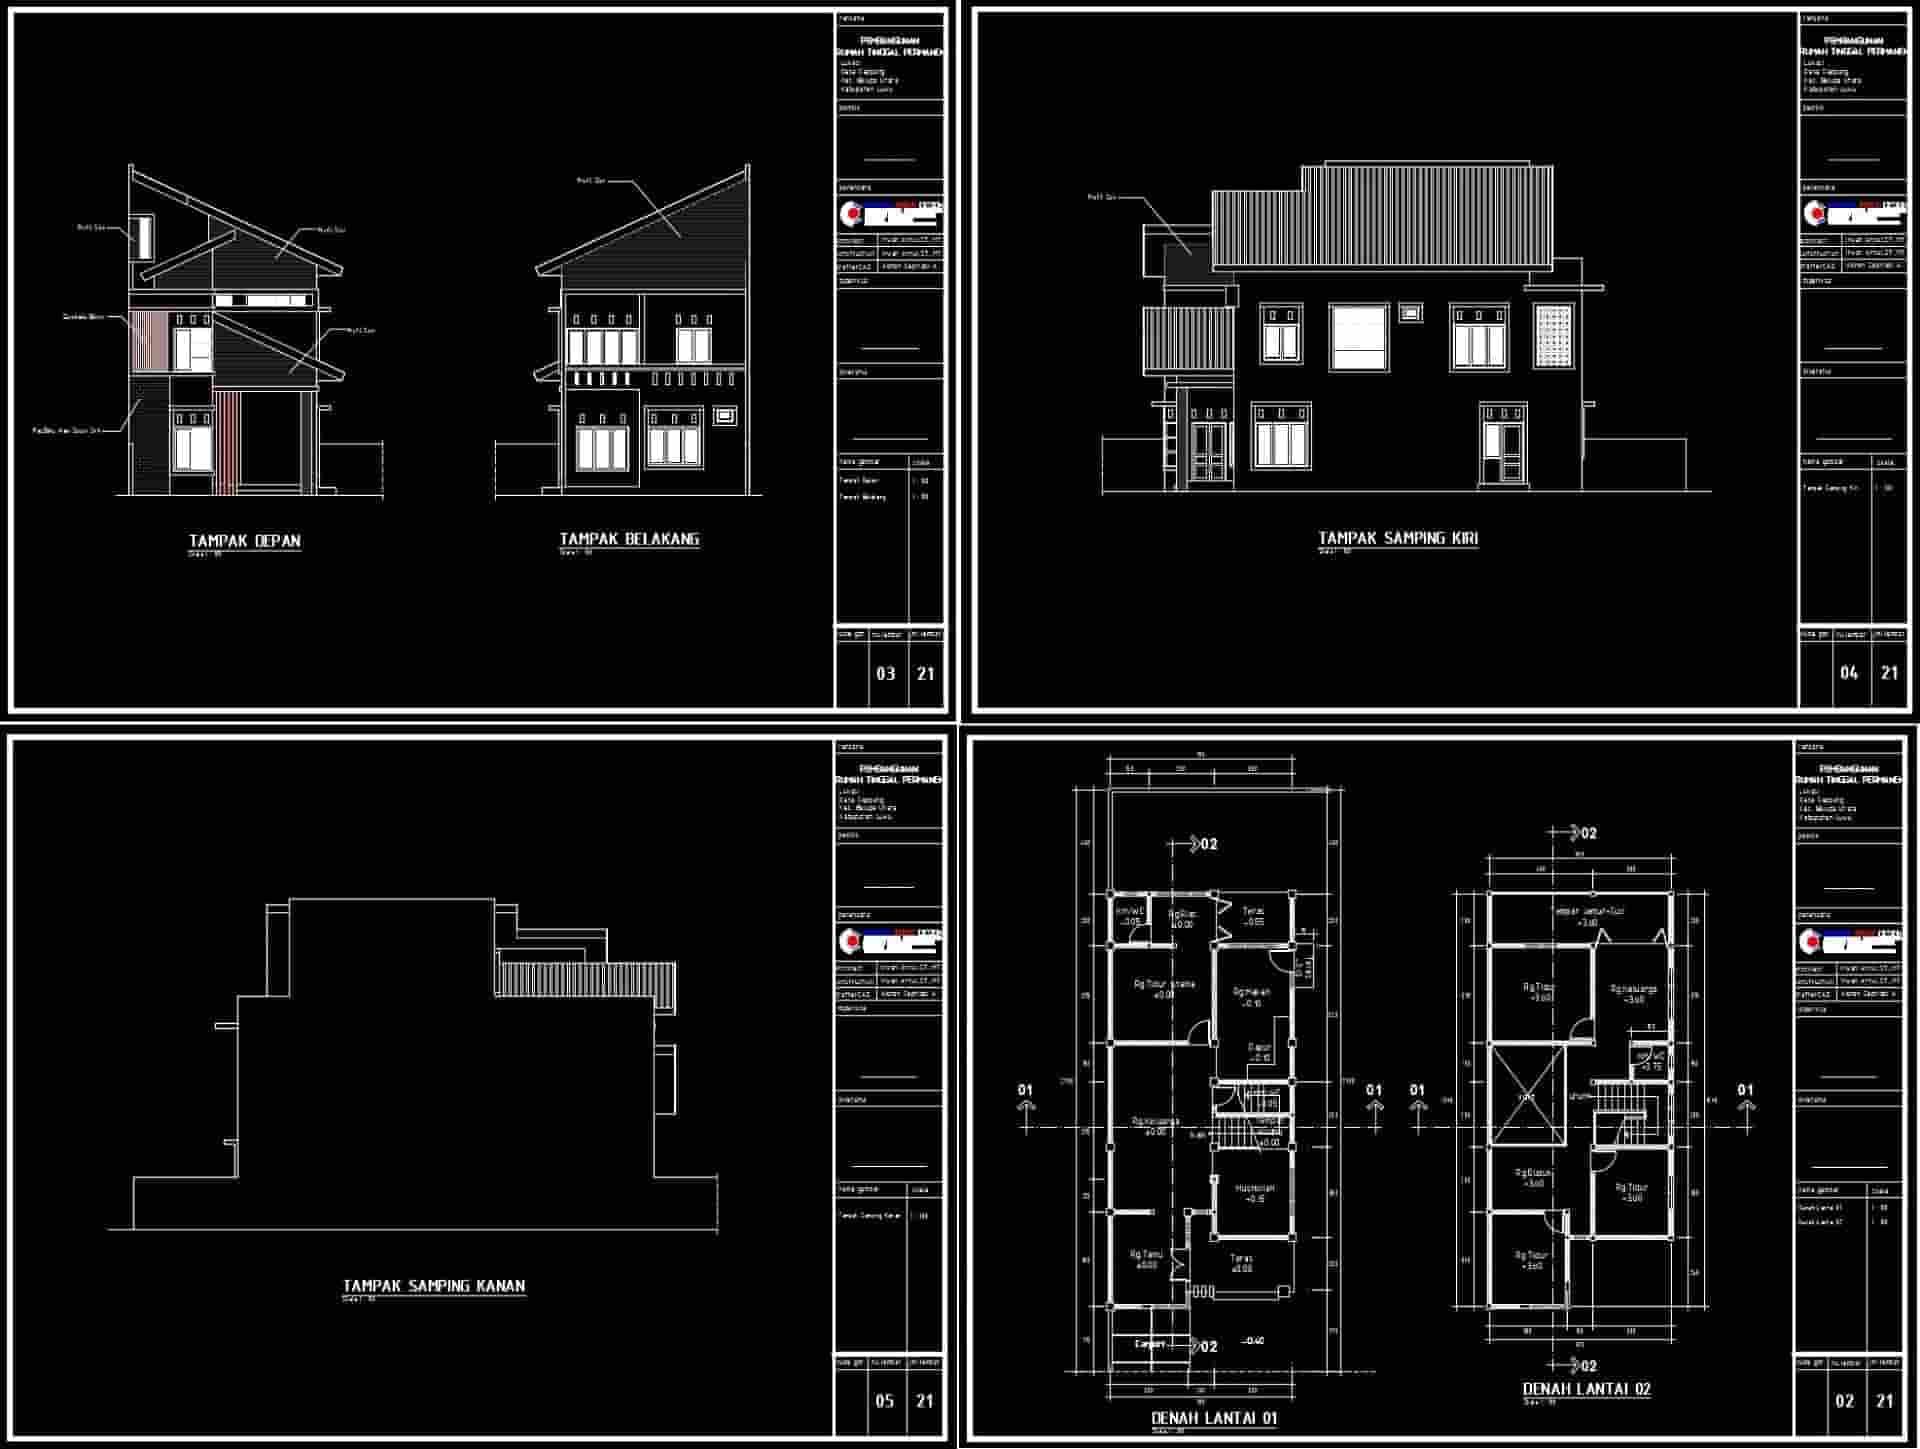 Referensi Gambar Bestek Rumah 2 Lantai DWG AutoCAD [4 Kamar